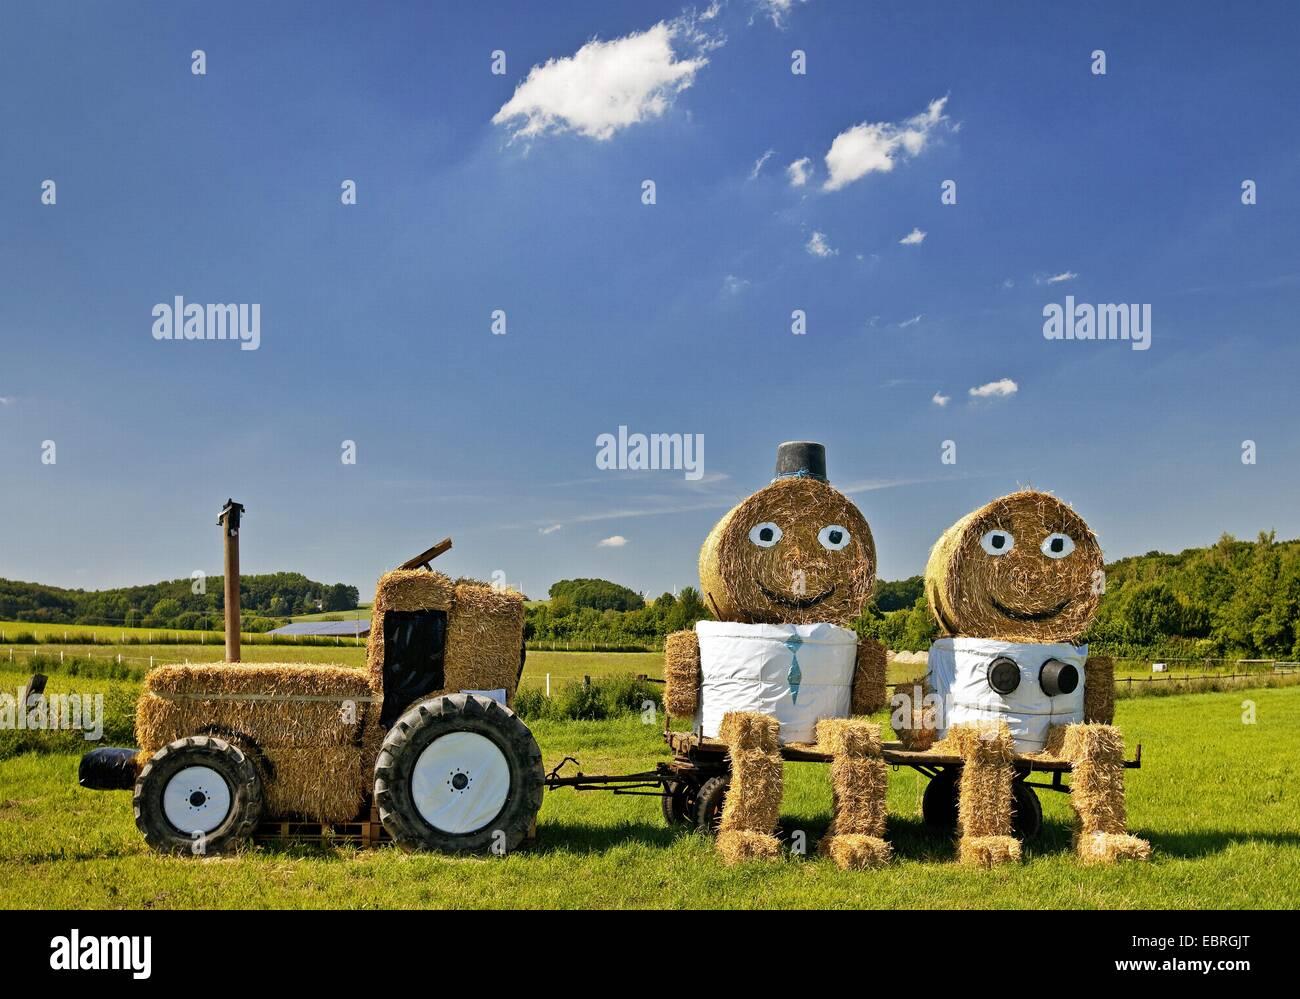 Il trattore e un giovane fatta di balle di paglia, in Germania, in Renania settentrionale-Vestfalia, Coesfeld Foto Stock